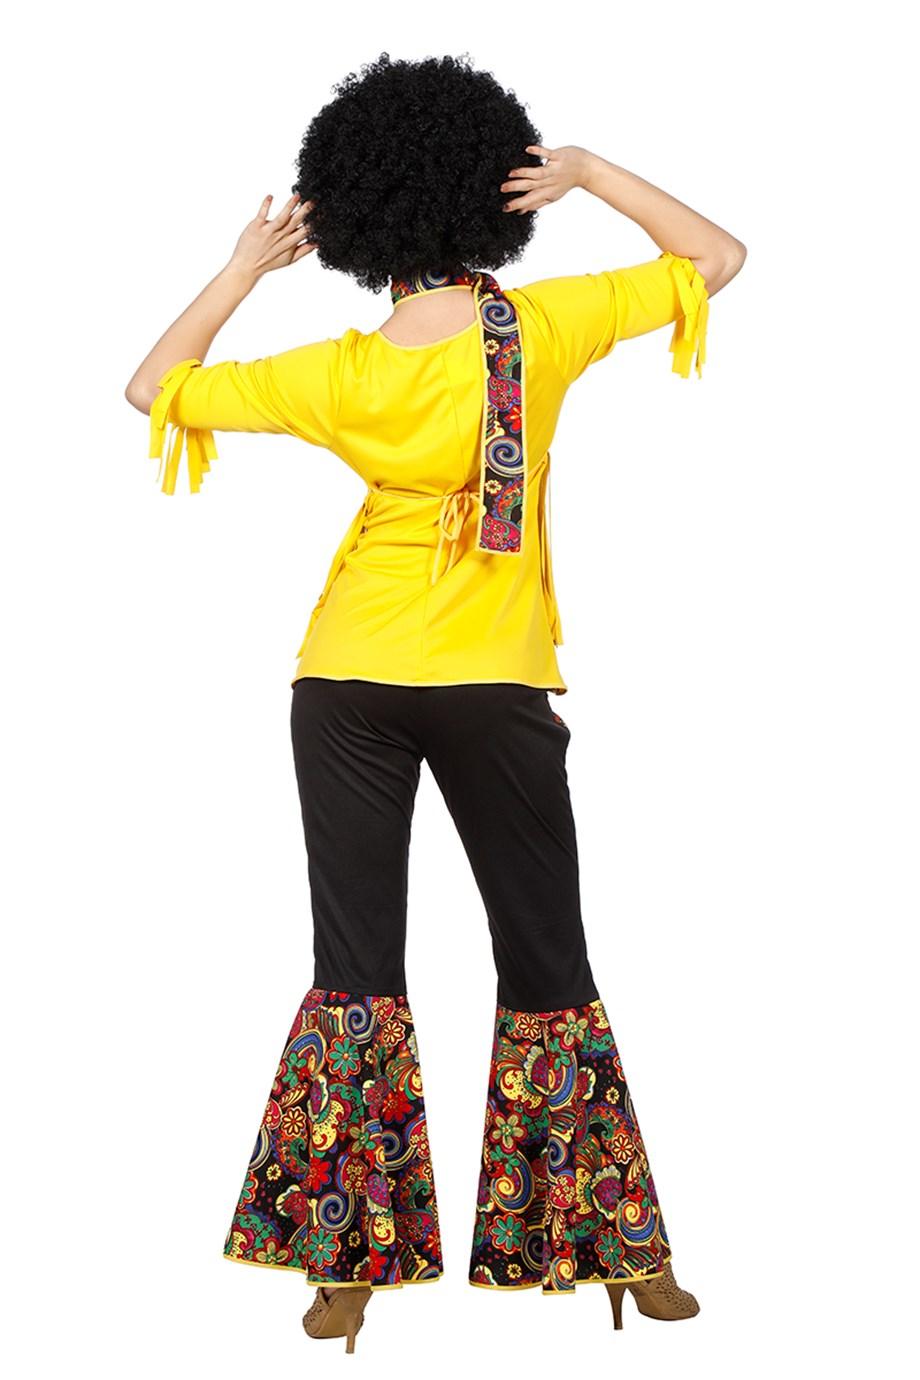 Hippy Fringe-262576